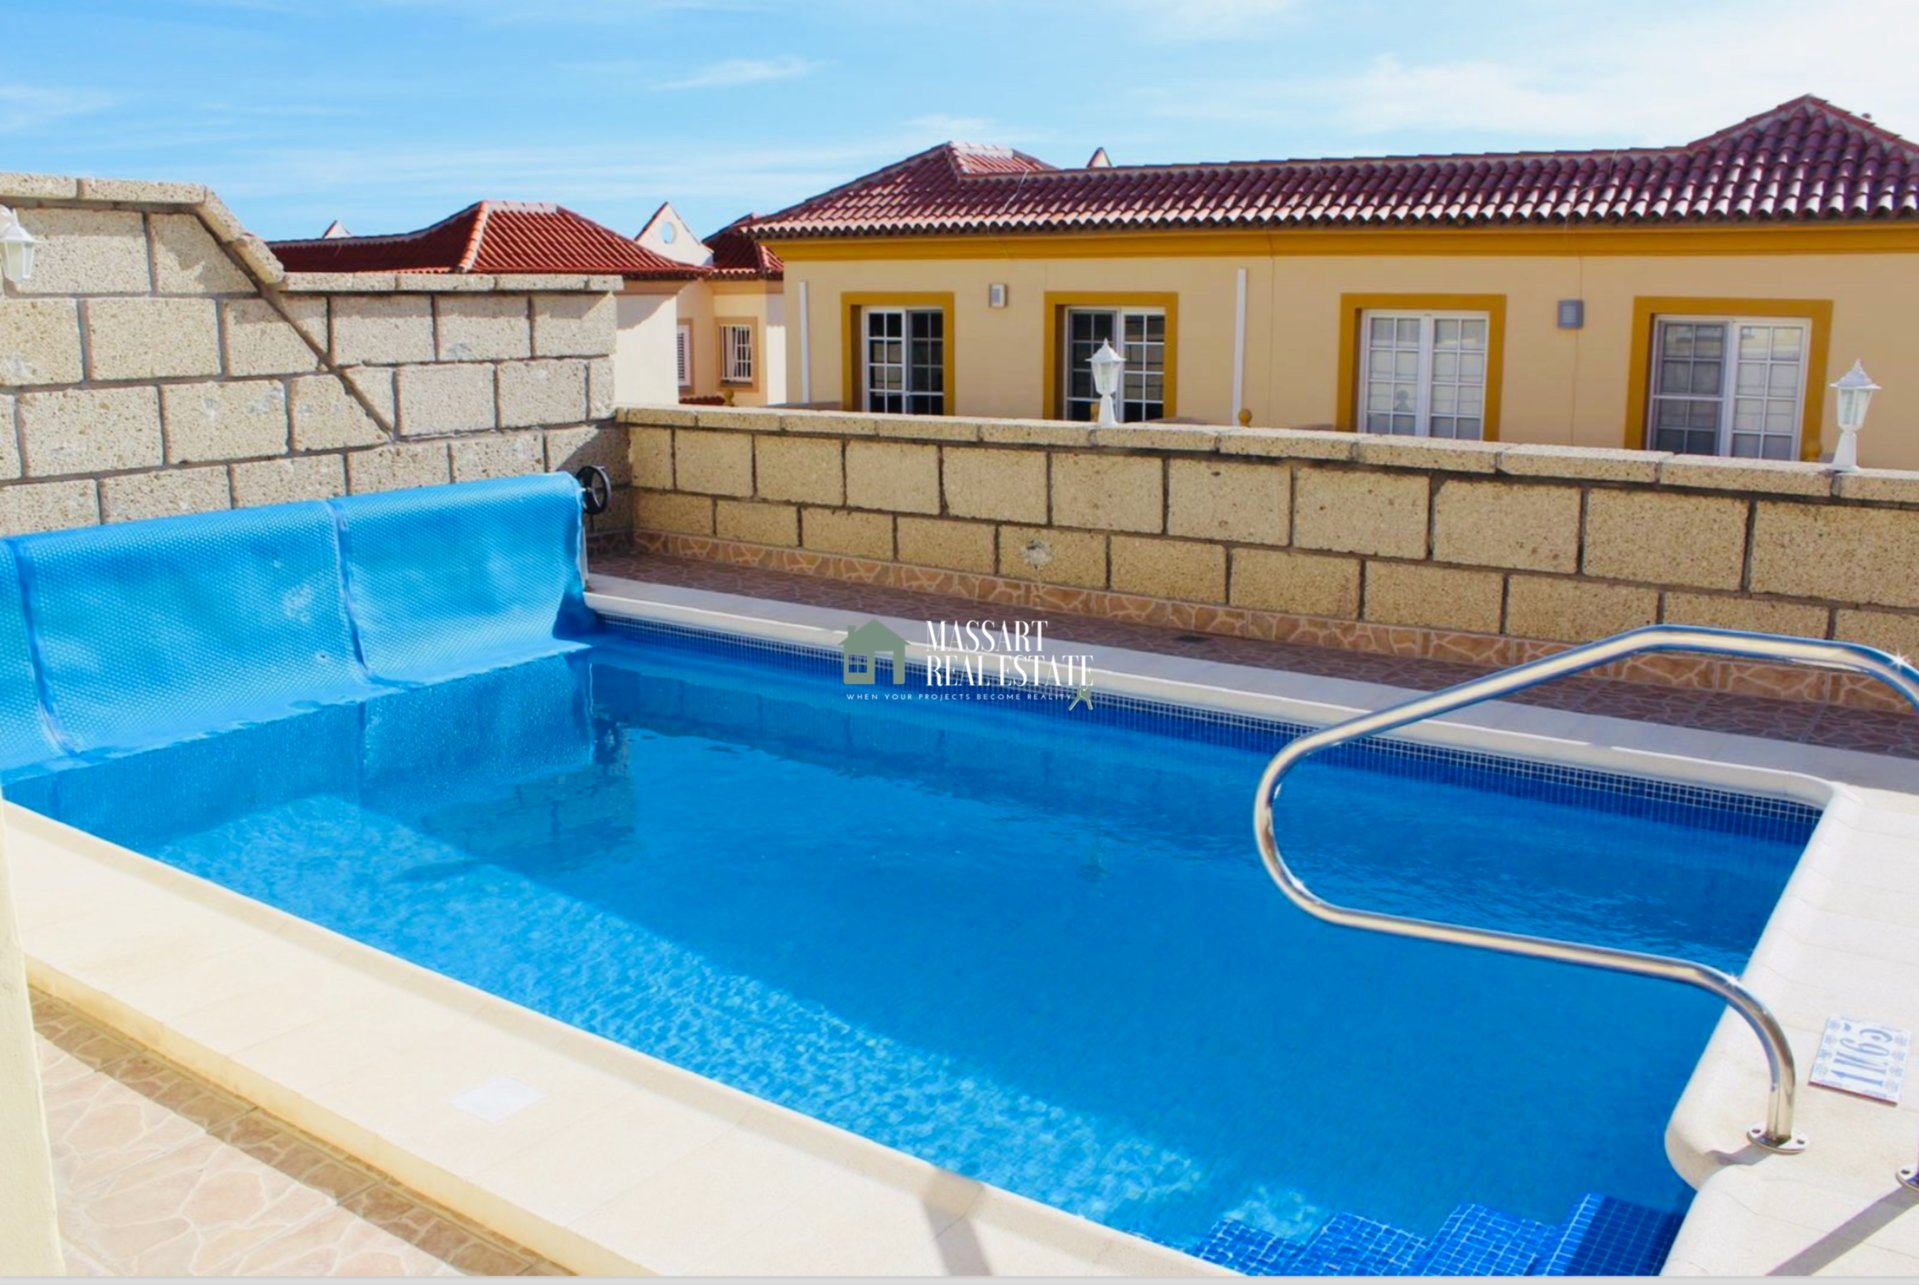 Exclusieve halfvrijstaande woning van 300 m2 gelegen in de prestigieuze wijk El Madroñal (Costa Adeje).